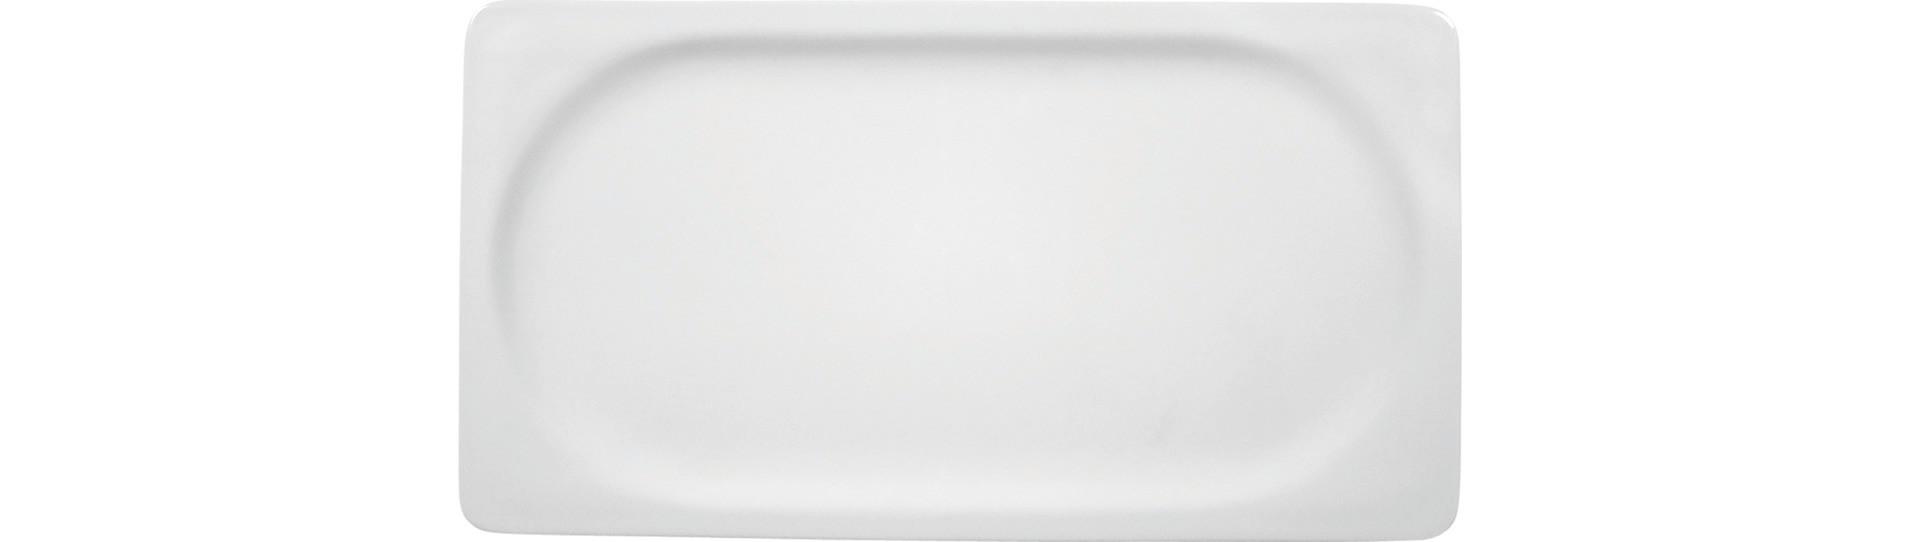 Buffet Gourmet, GN-Platte GN 1/3 325 x 176 mm